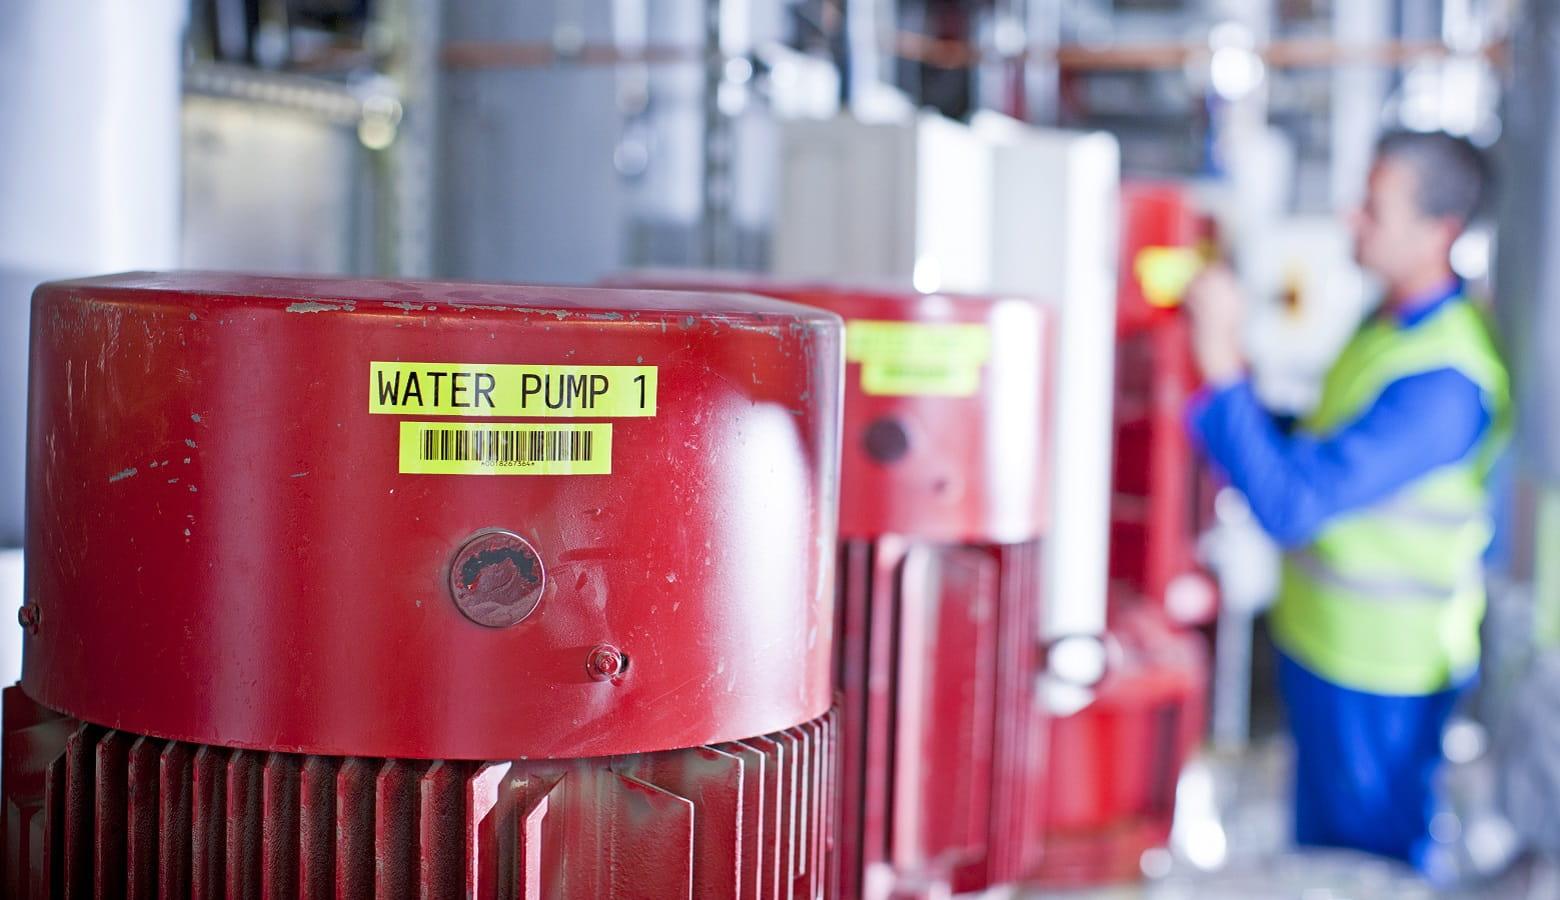 Pompa dell'acqua etichettata con etichetta TZe